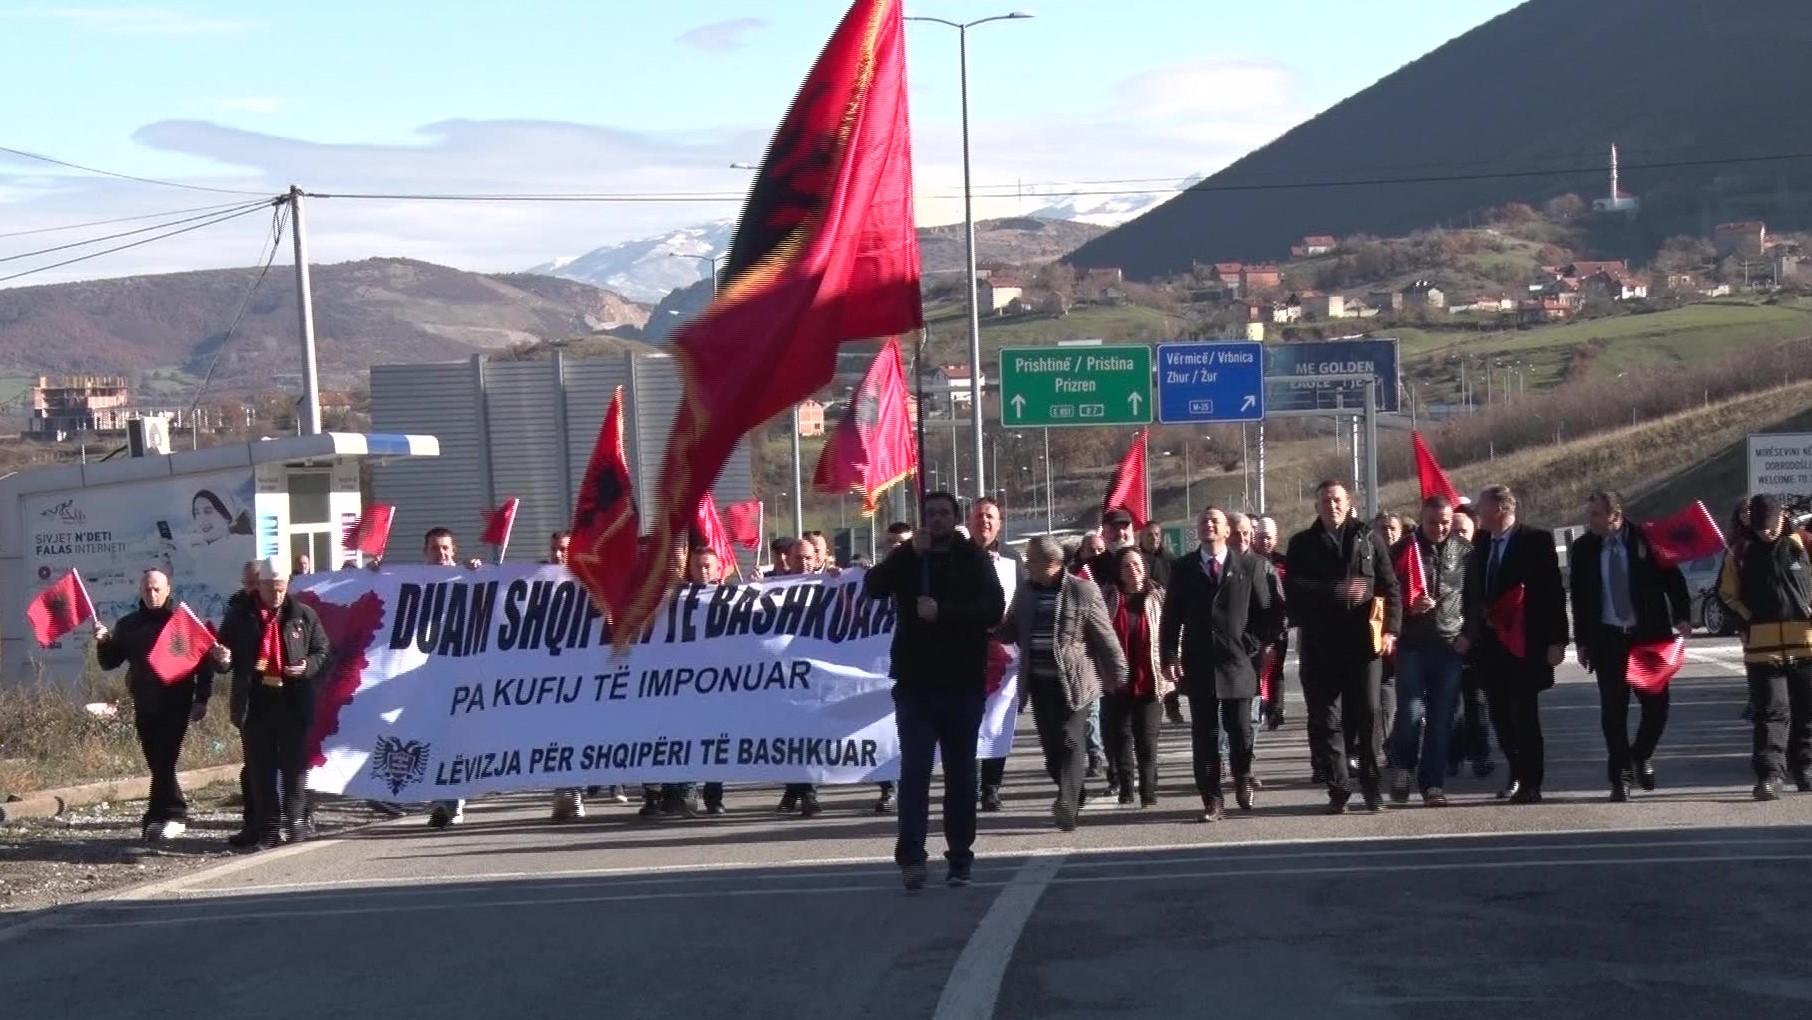 Përfaqësues nga Kosova, Shqipëria, Maqedonia e Presheva në Vërmicë